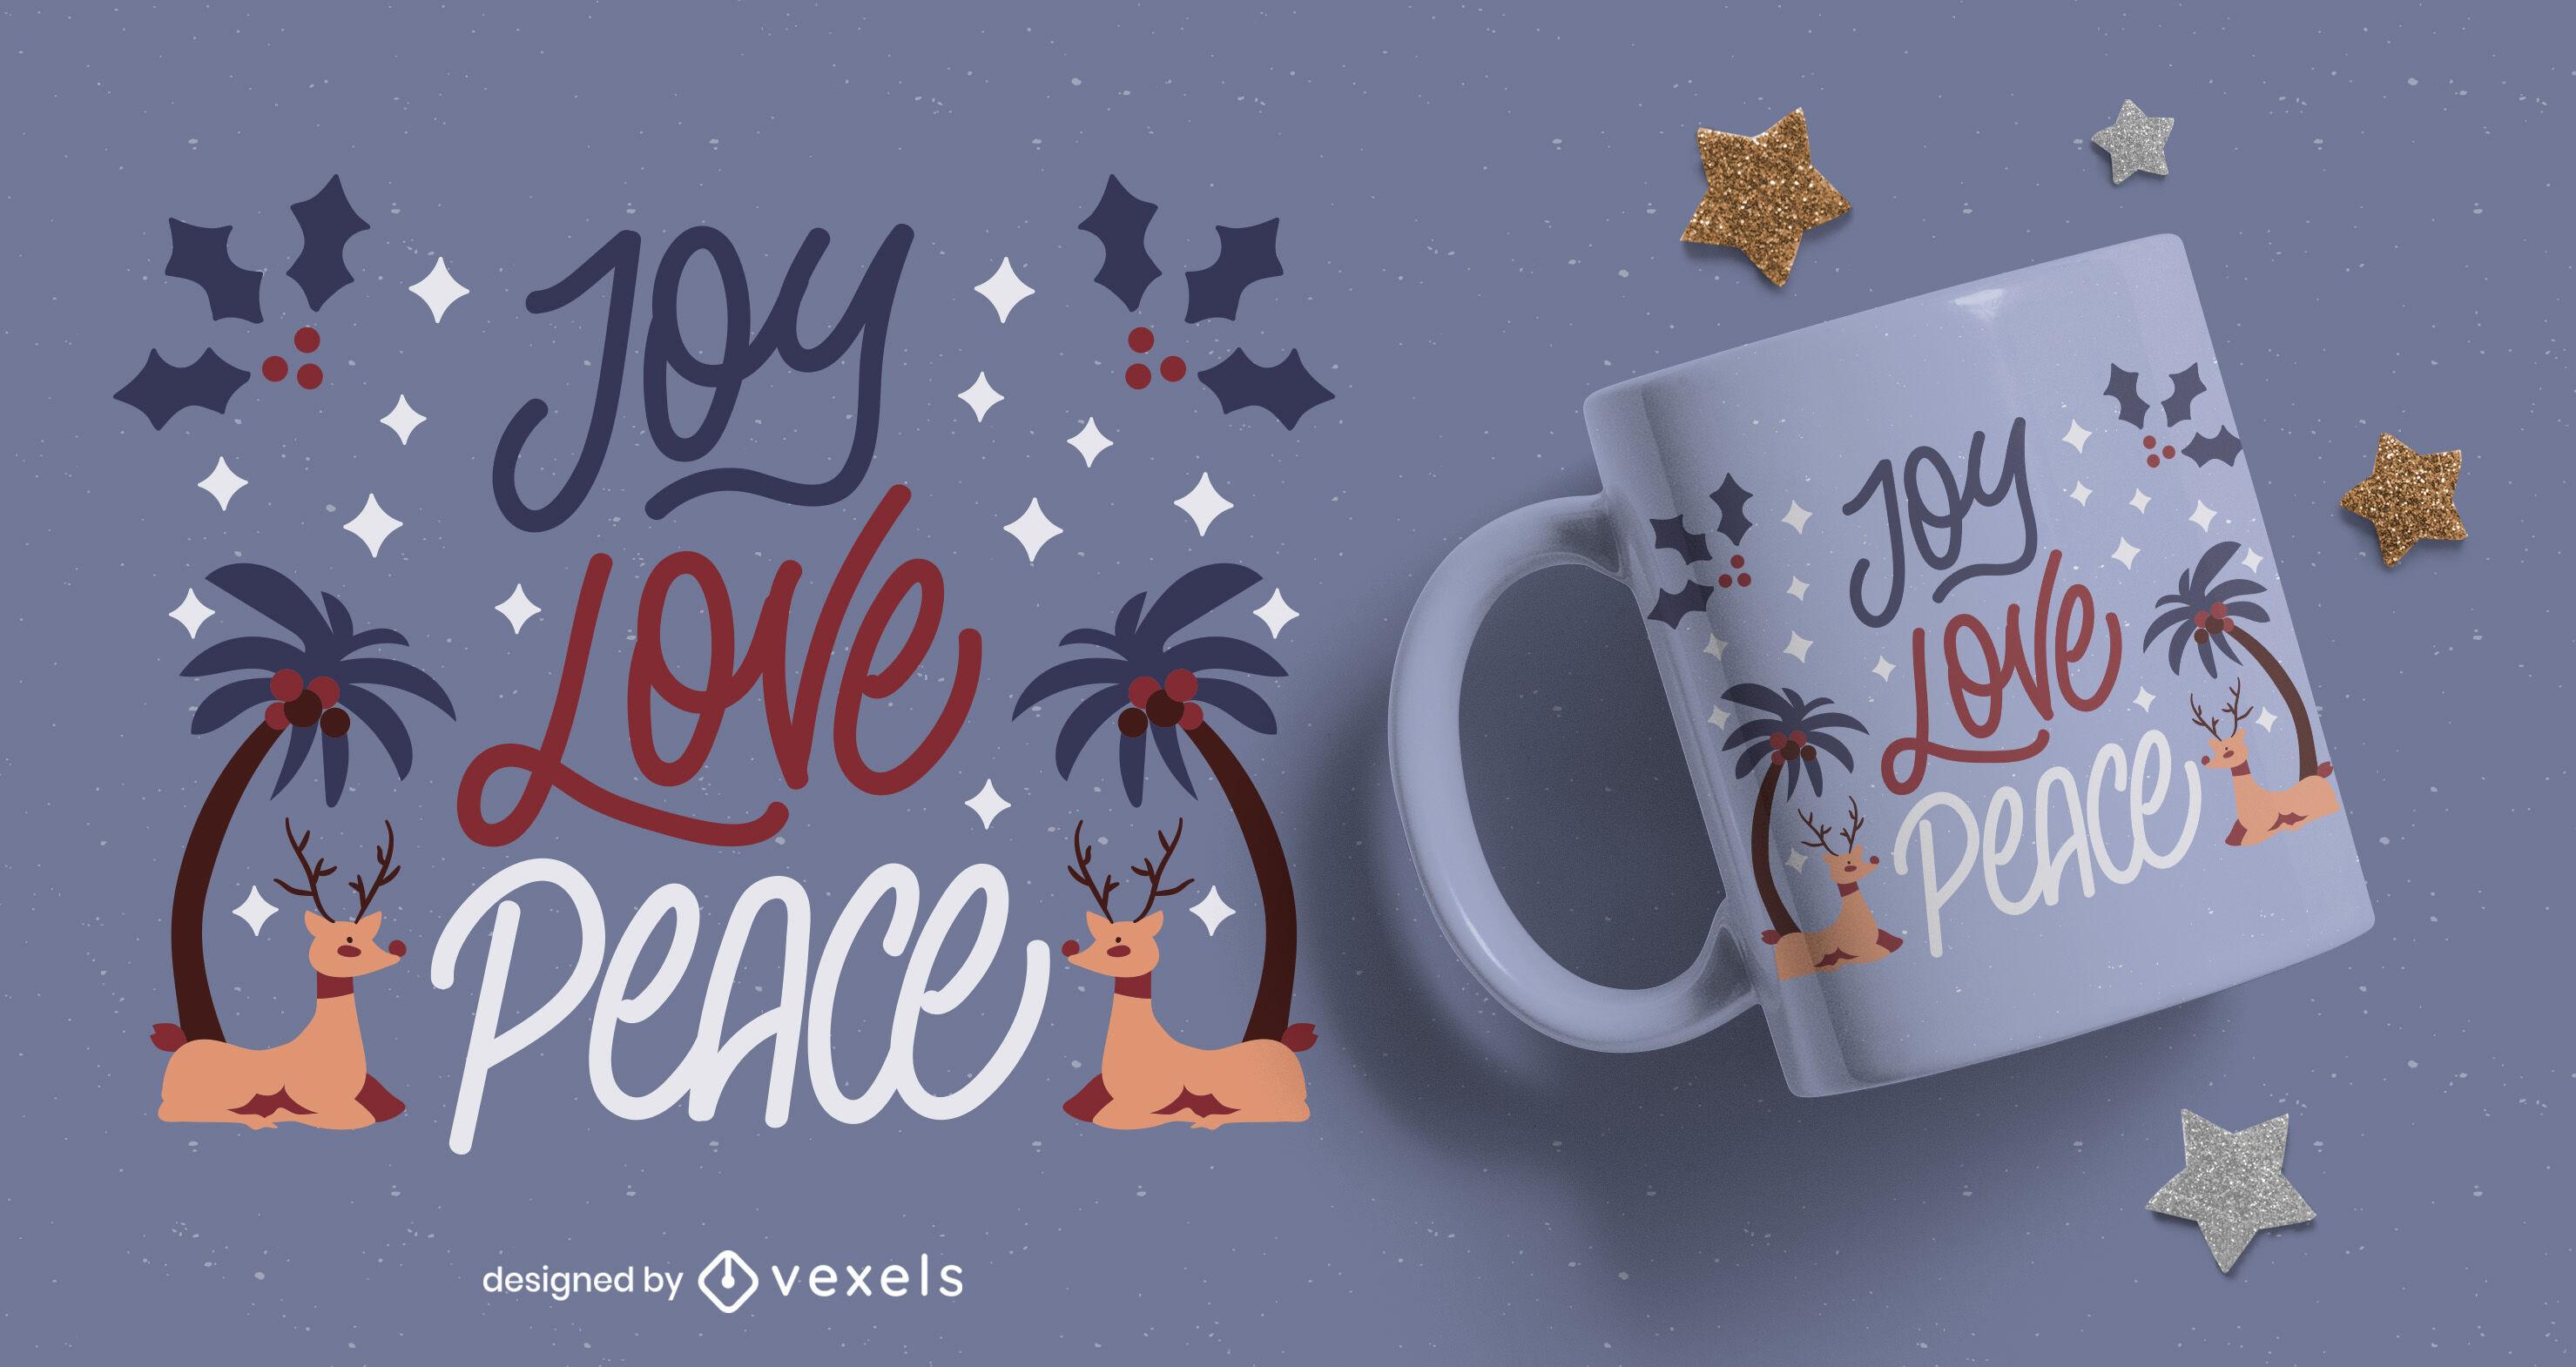 Design de letras de caneca de alegria, amor e paz